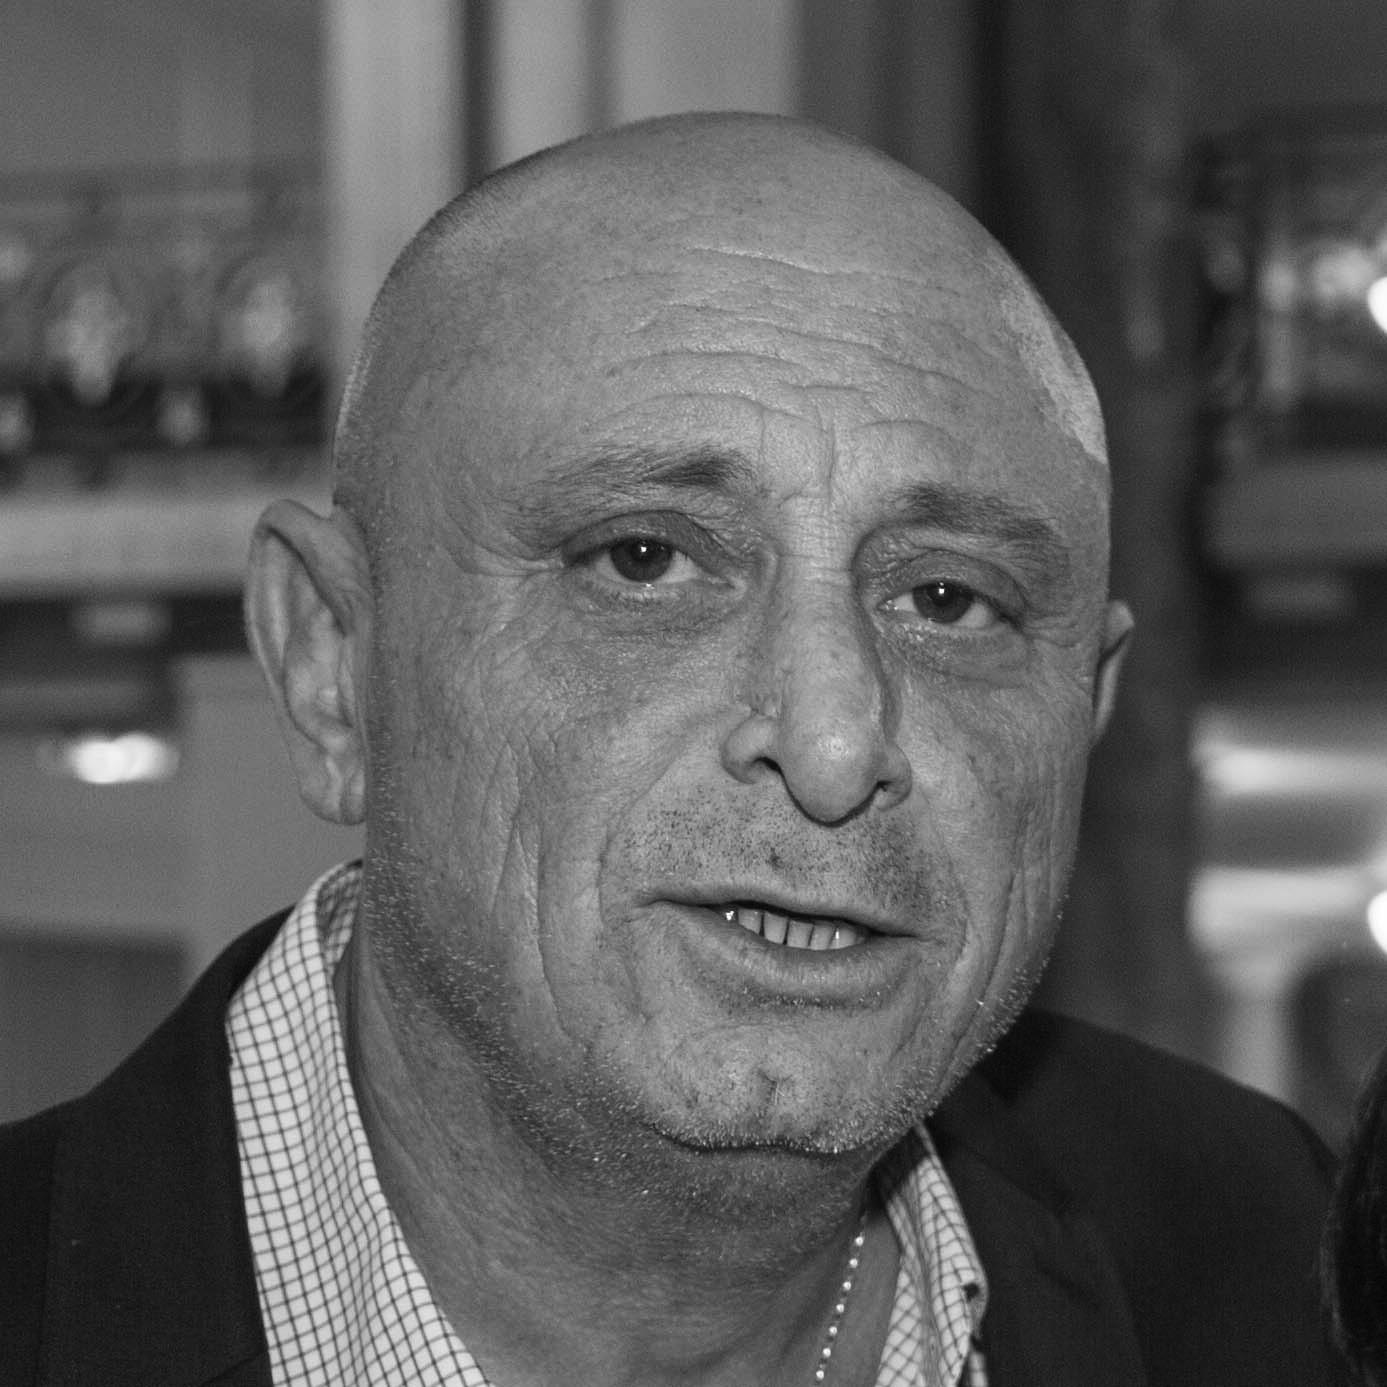 Éric Beracassat